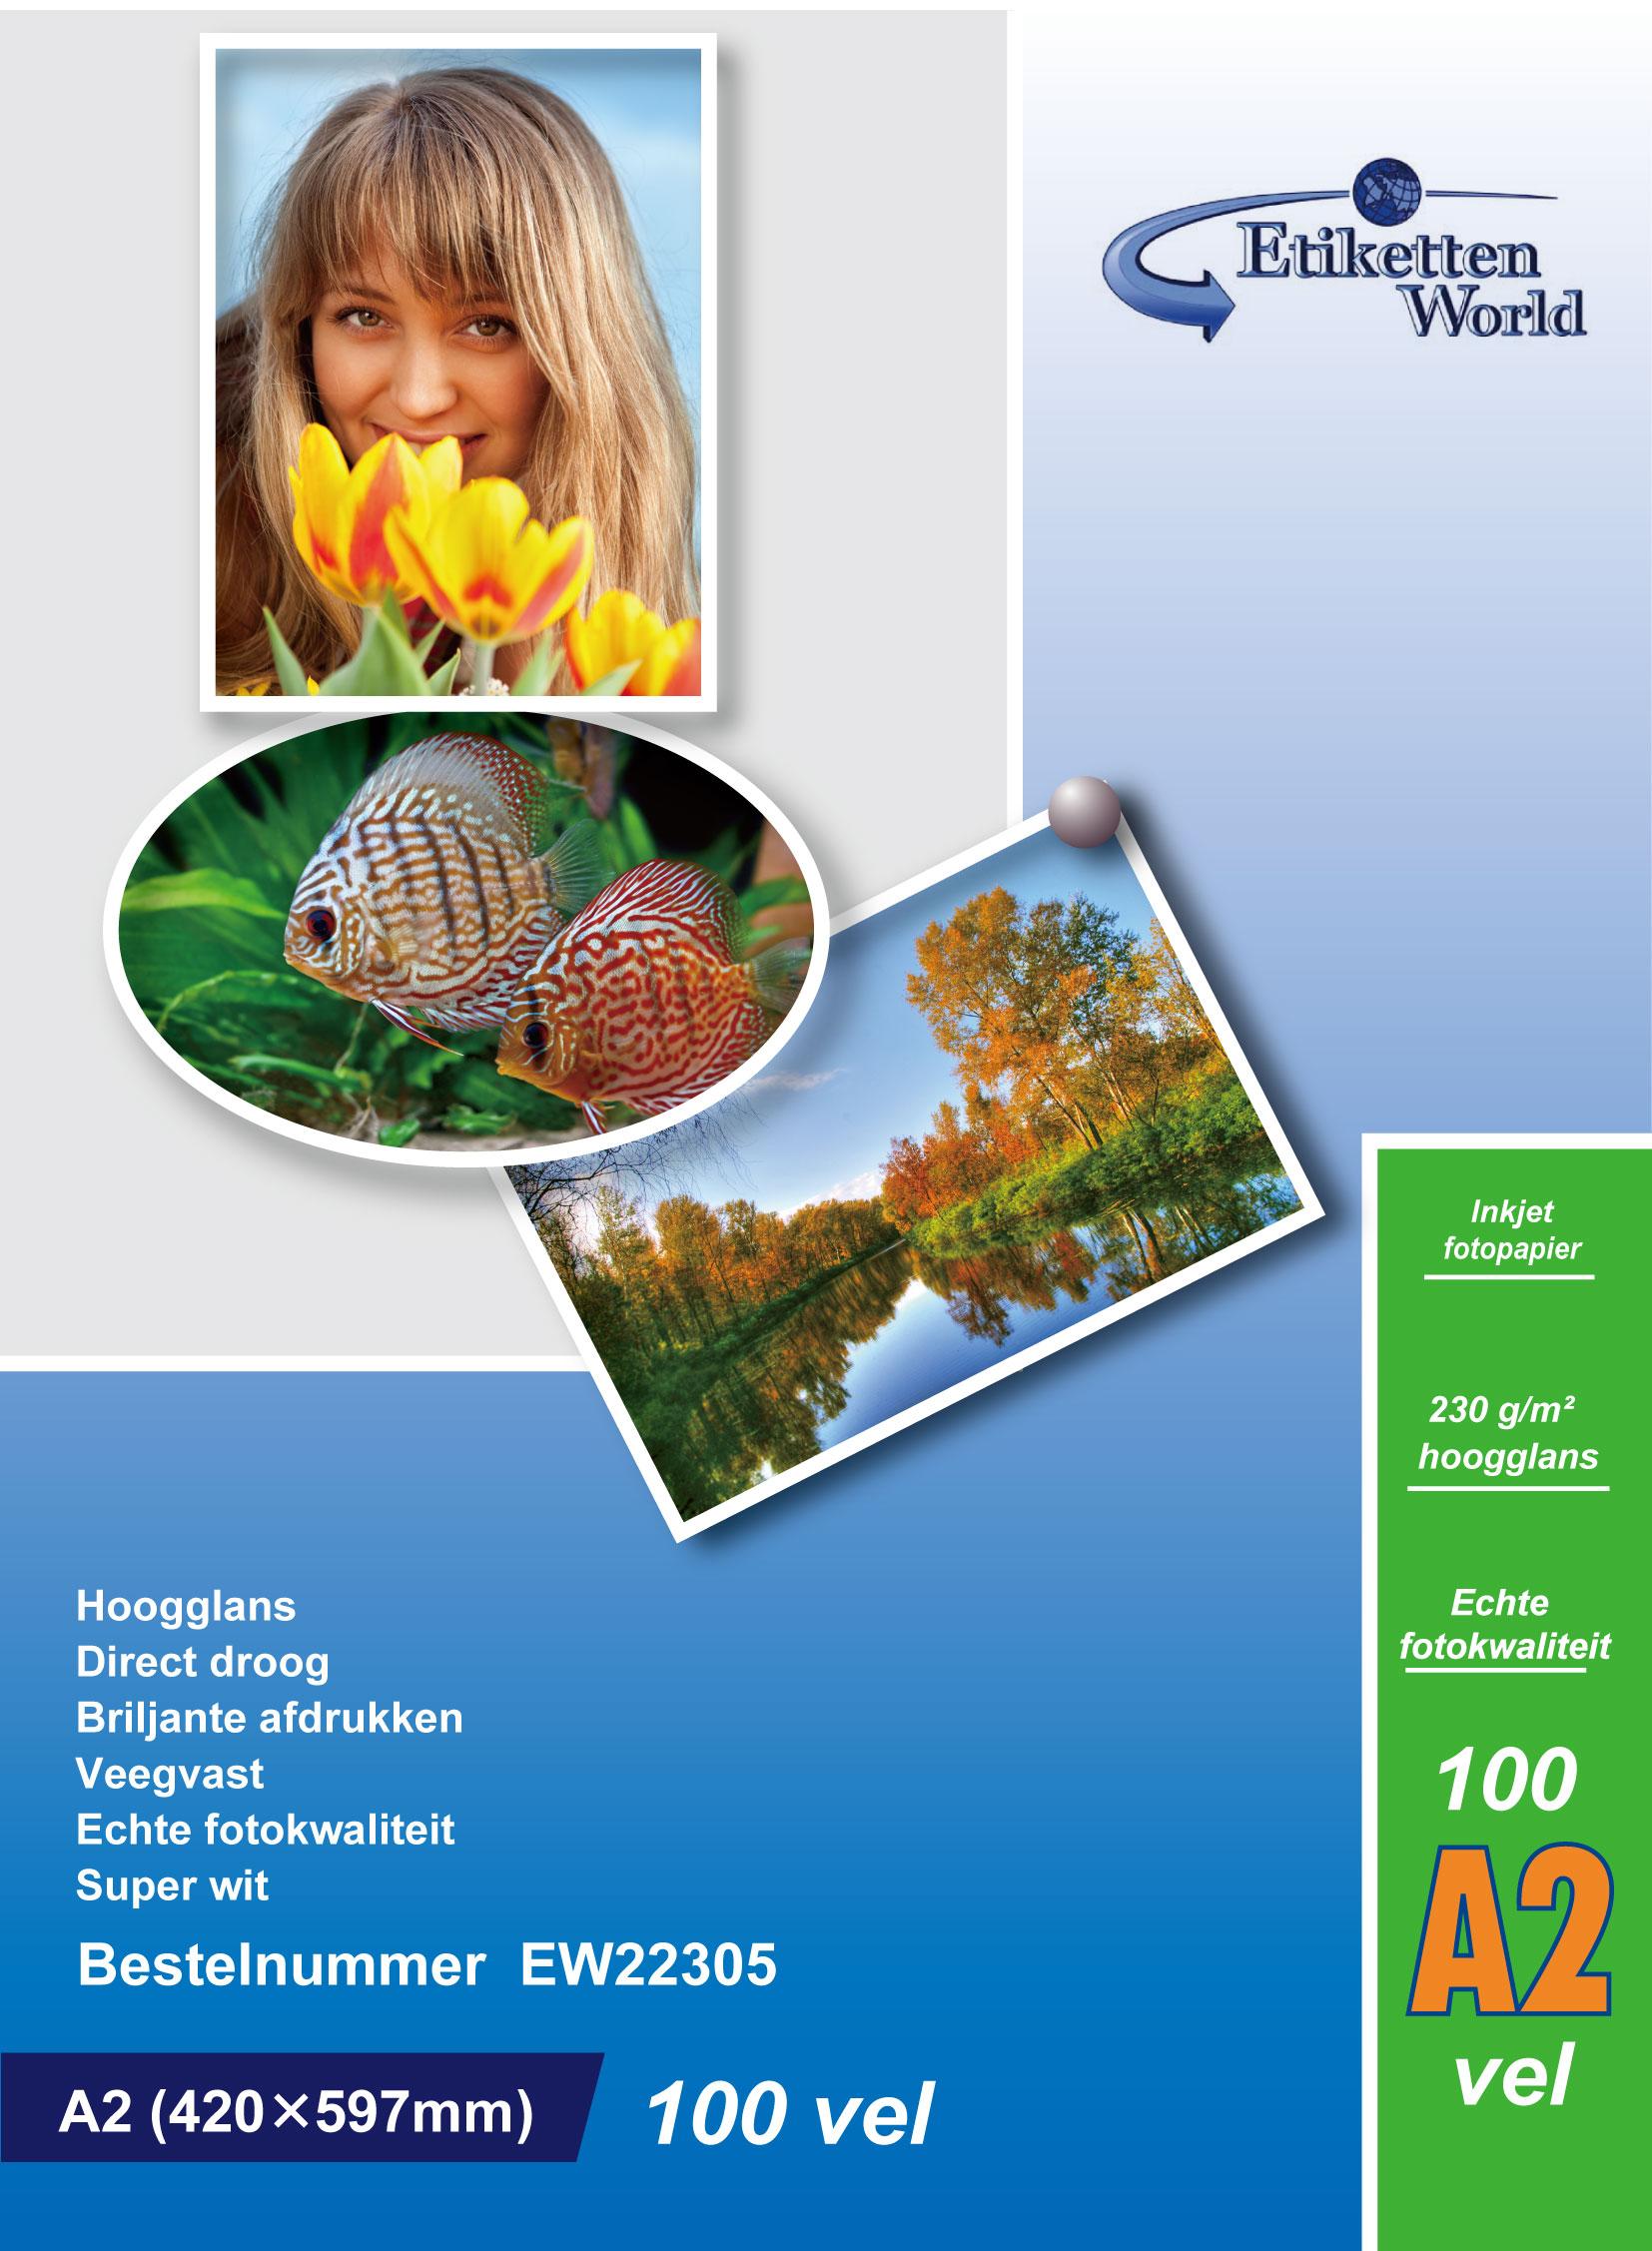 EtikettenWorld BV Fotopapier A2 230g/qm High Glossy und wasserfest